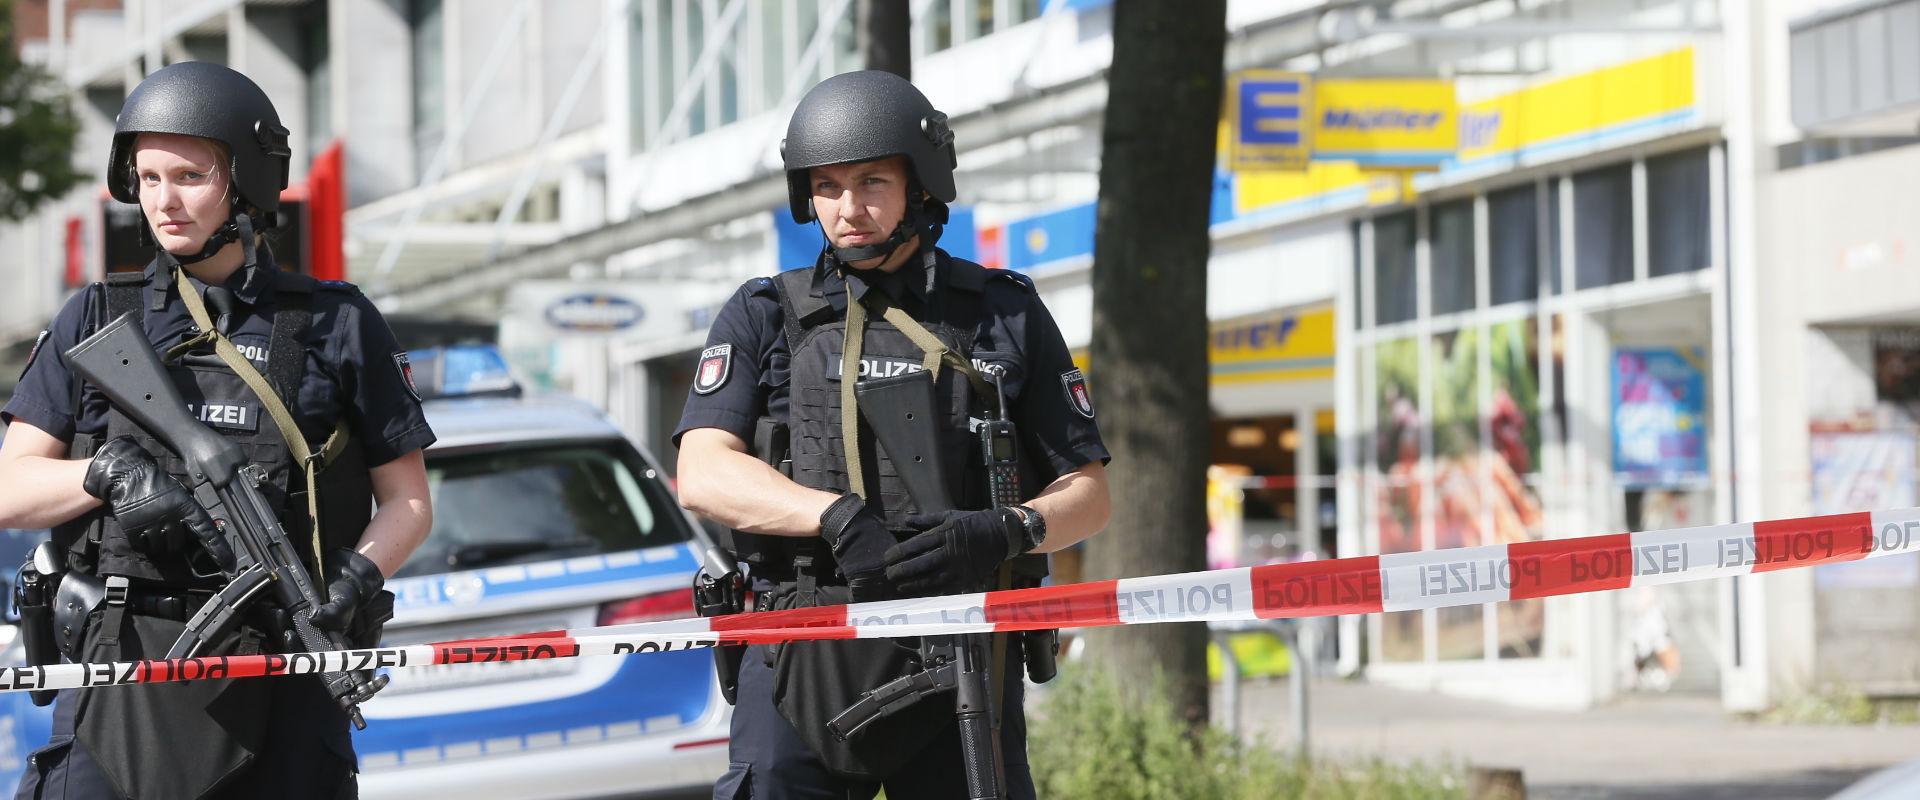 שוטרים גרמנים בזירת פיגוע (צילום: אי-פי)